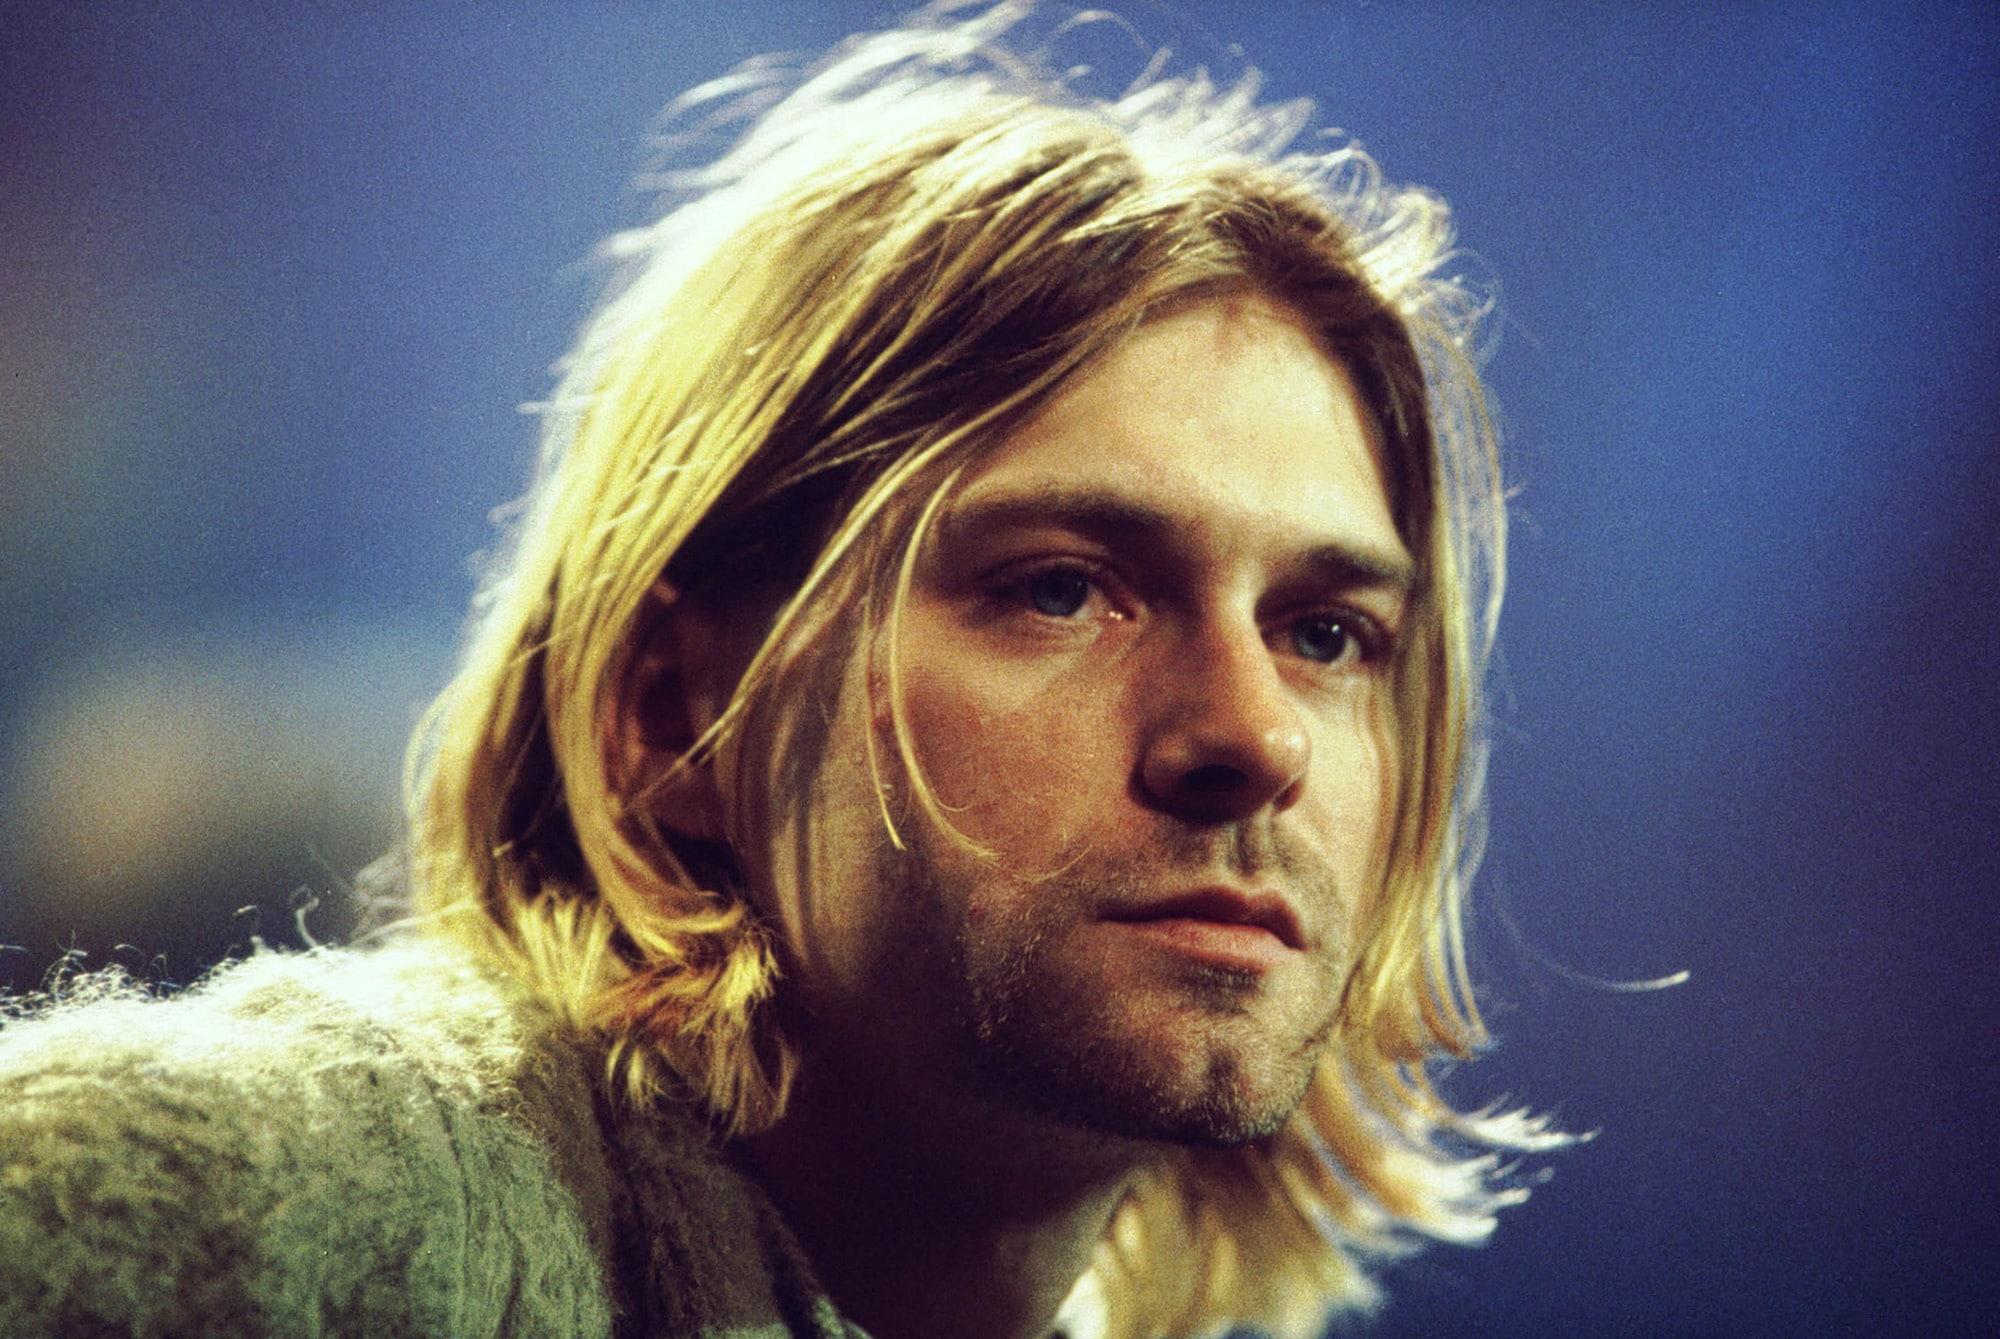 Un documentario e un film sul leader del gruppo rock Nirvana